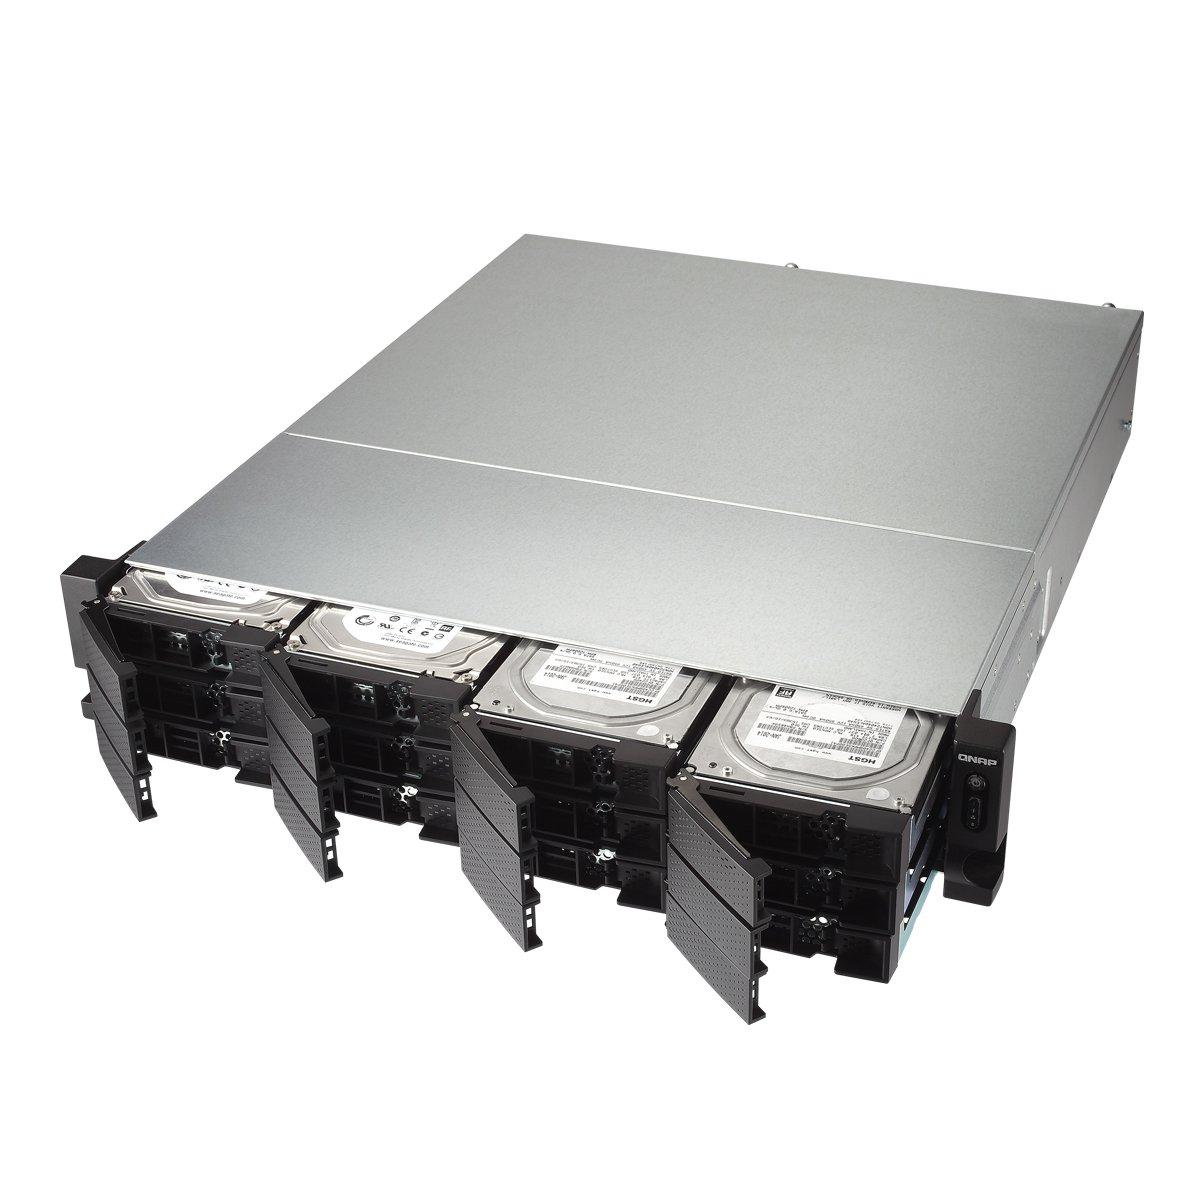 Qnap TS-1273U-RP-8G-US 2U 12-bay NAS/iSCSI IP-SAN, 10GbE, Redundant PSU by QNAP (Image #2)